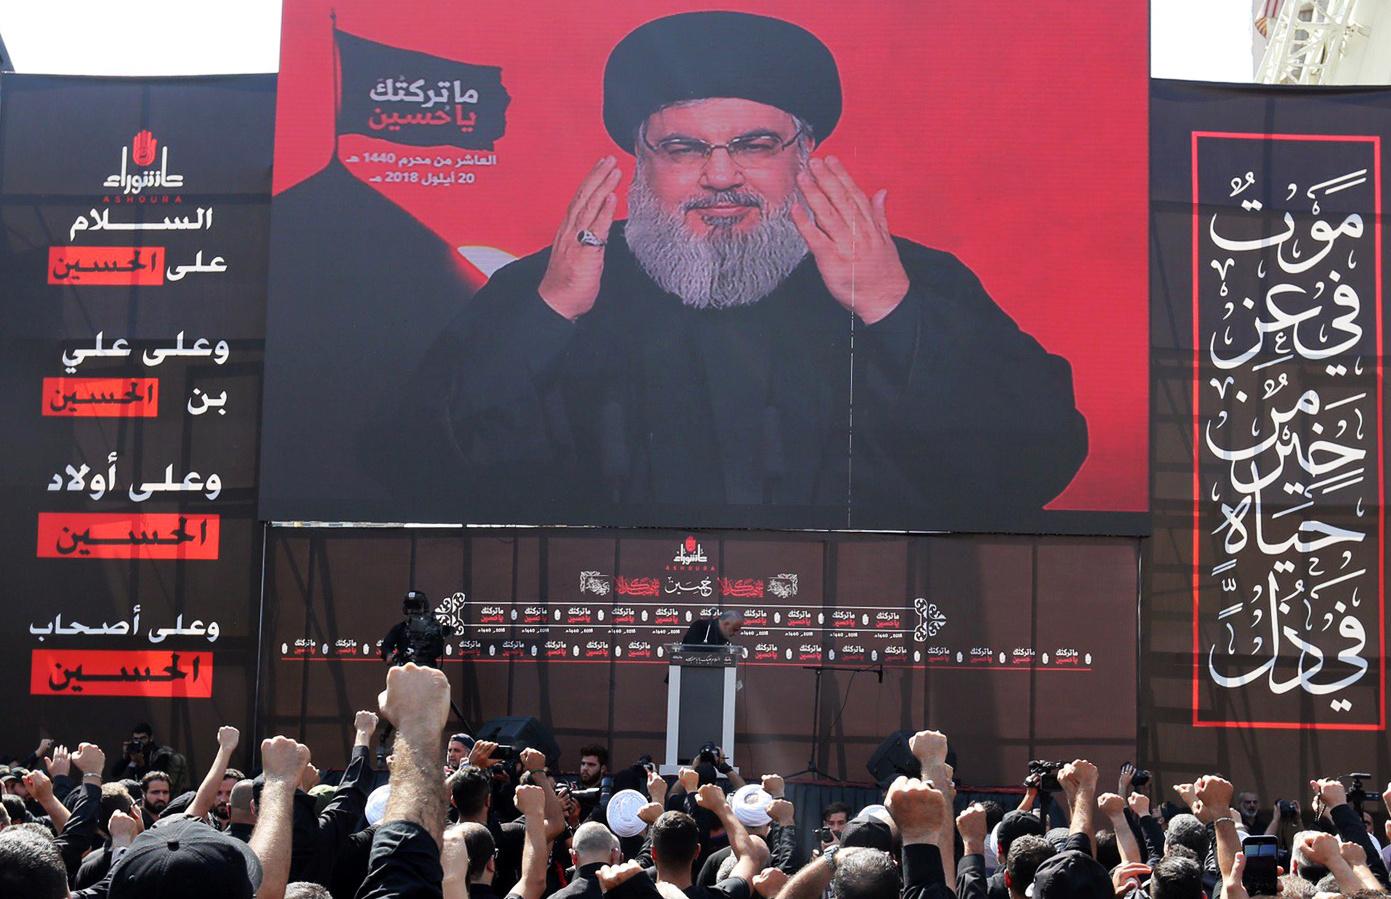 الحريري ردا على نصرالله:  سفن الدعم الإيرانية ستحمل معها عقوبات إضافية